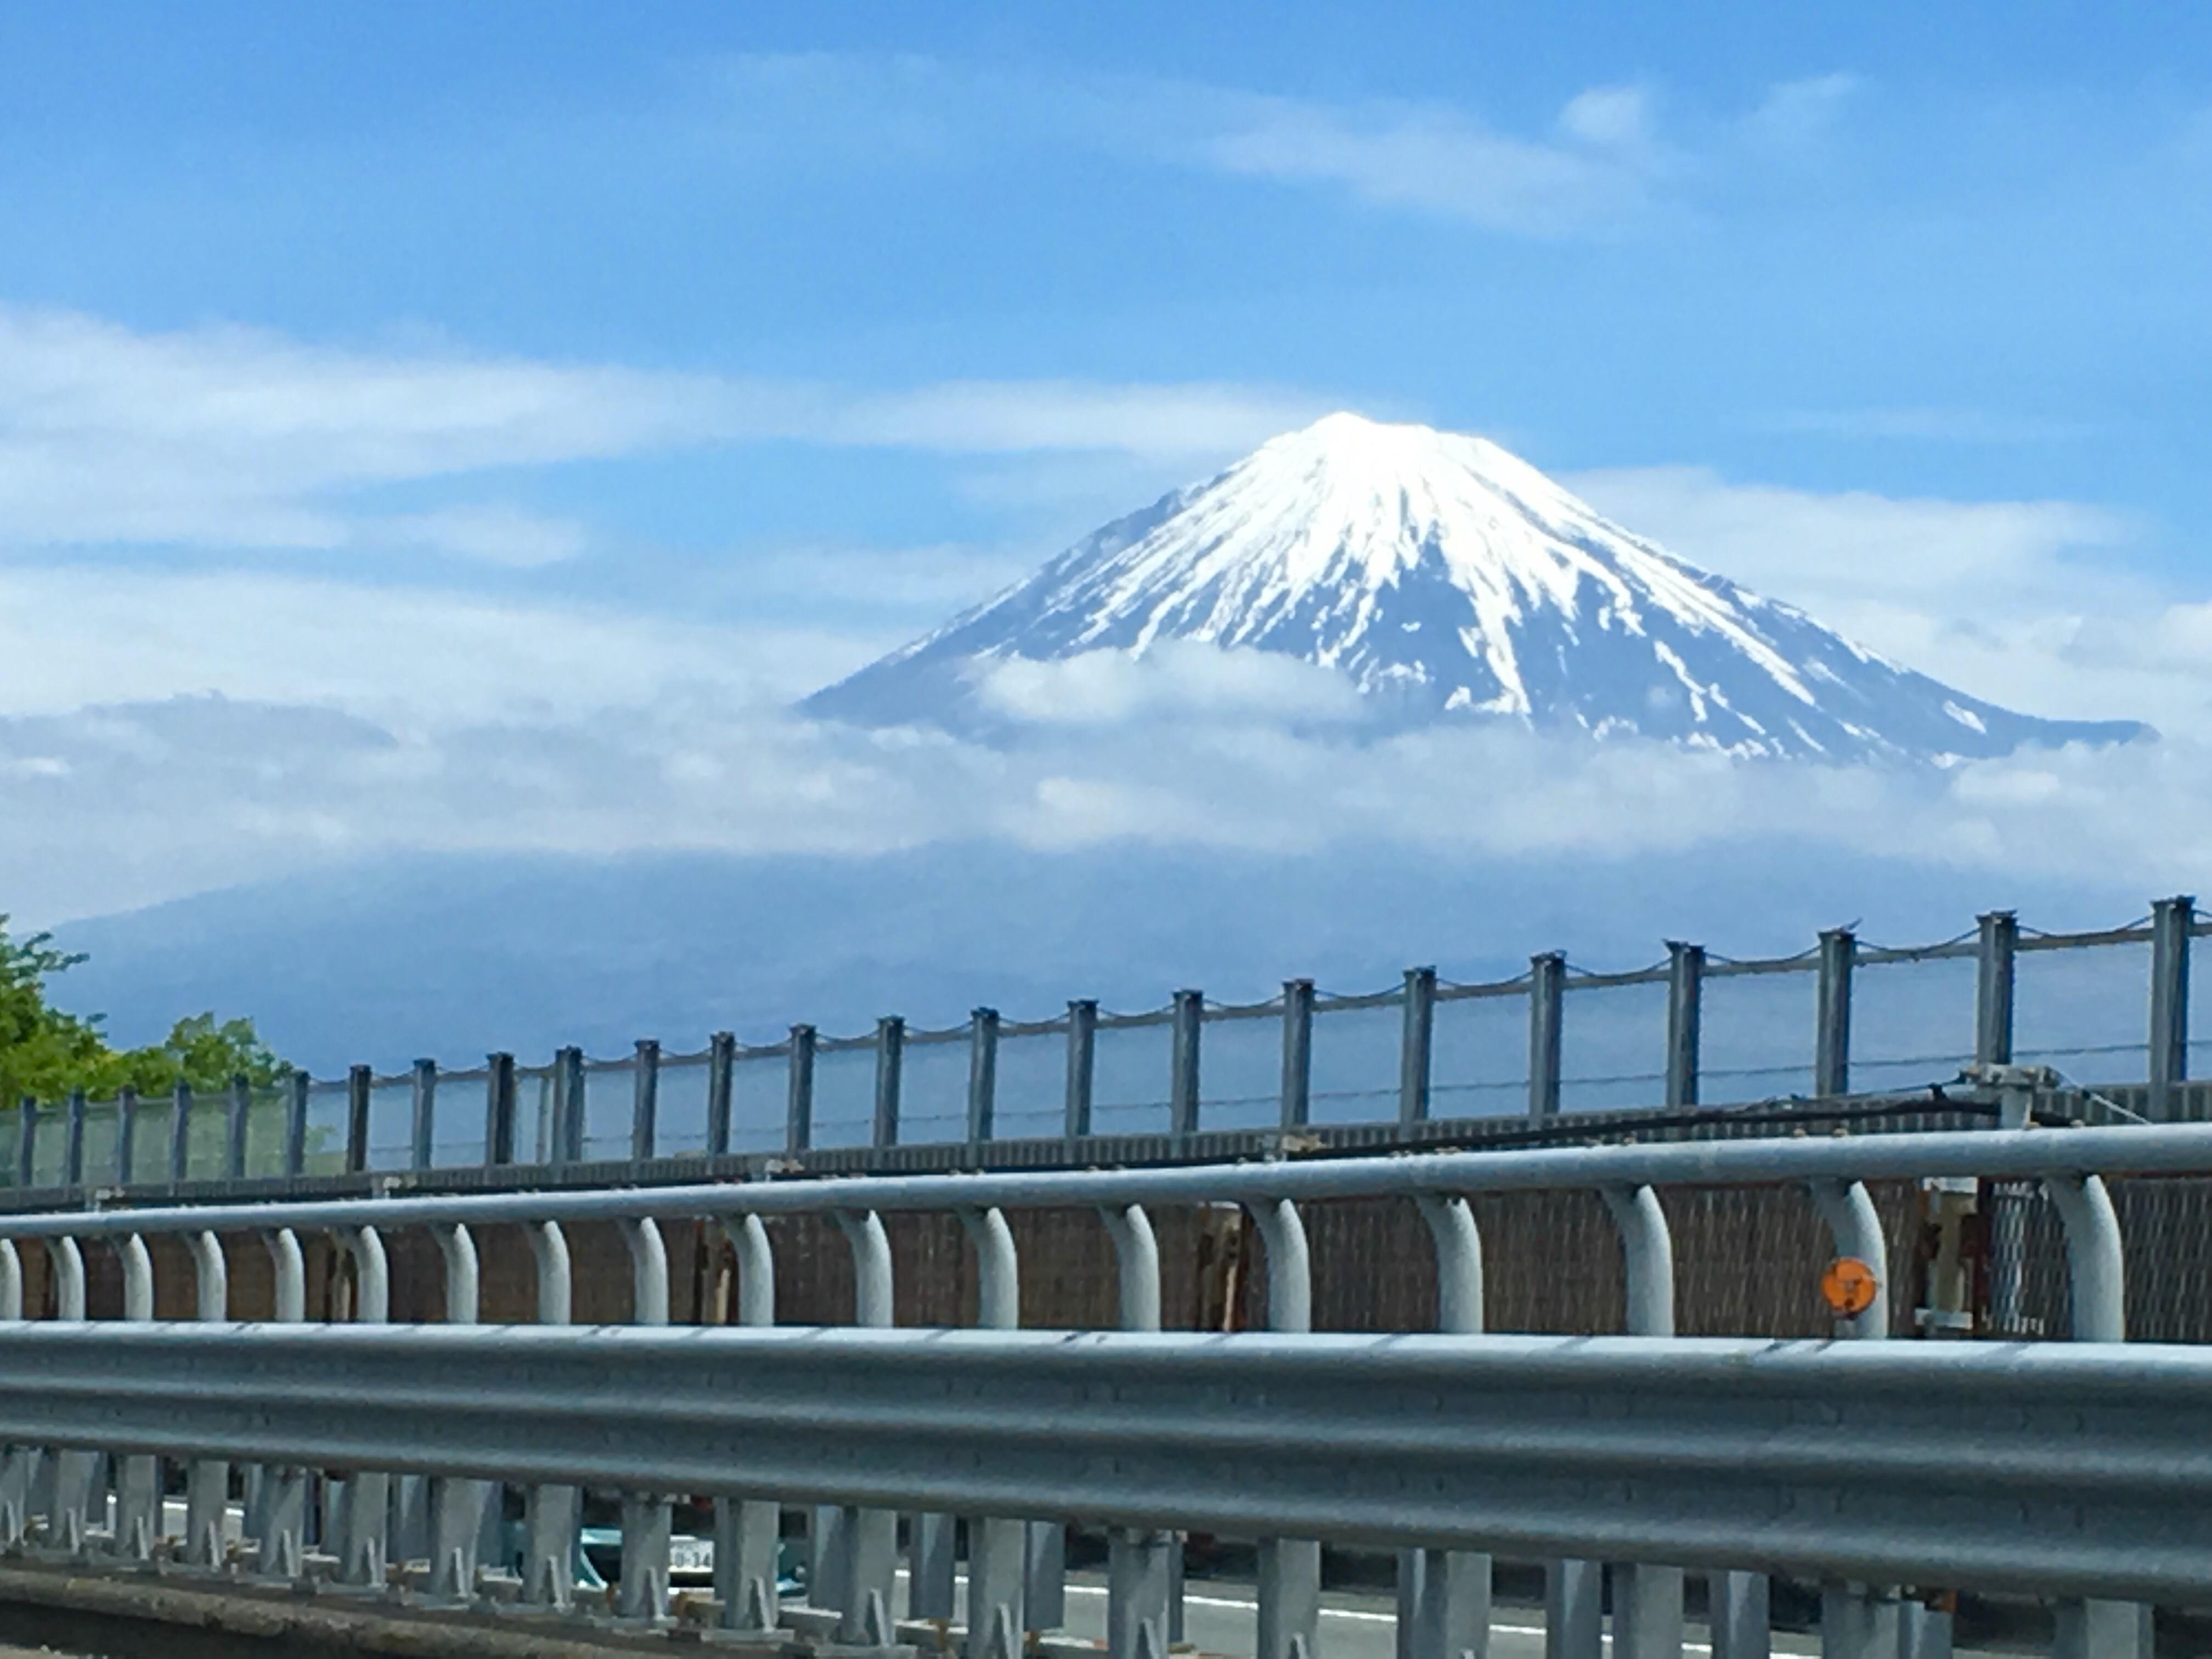 ご当地ナンバー「富士山ナンバー」で人気があるのは何番?